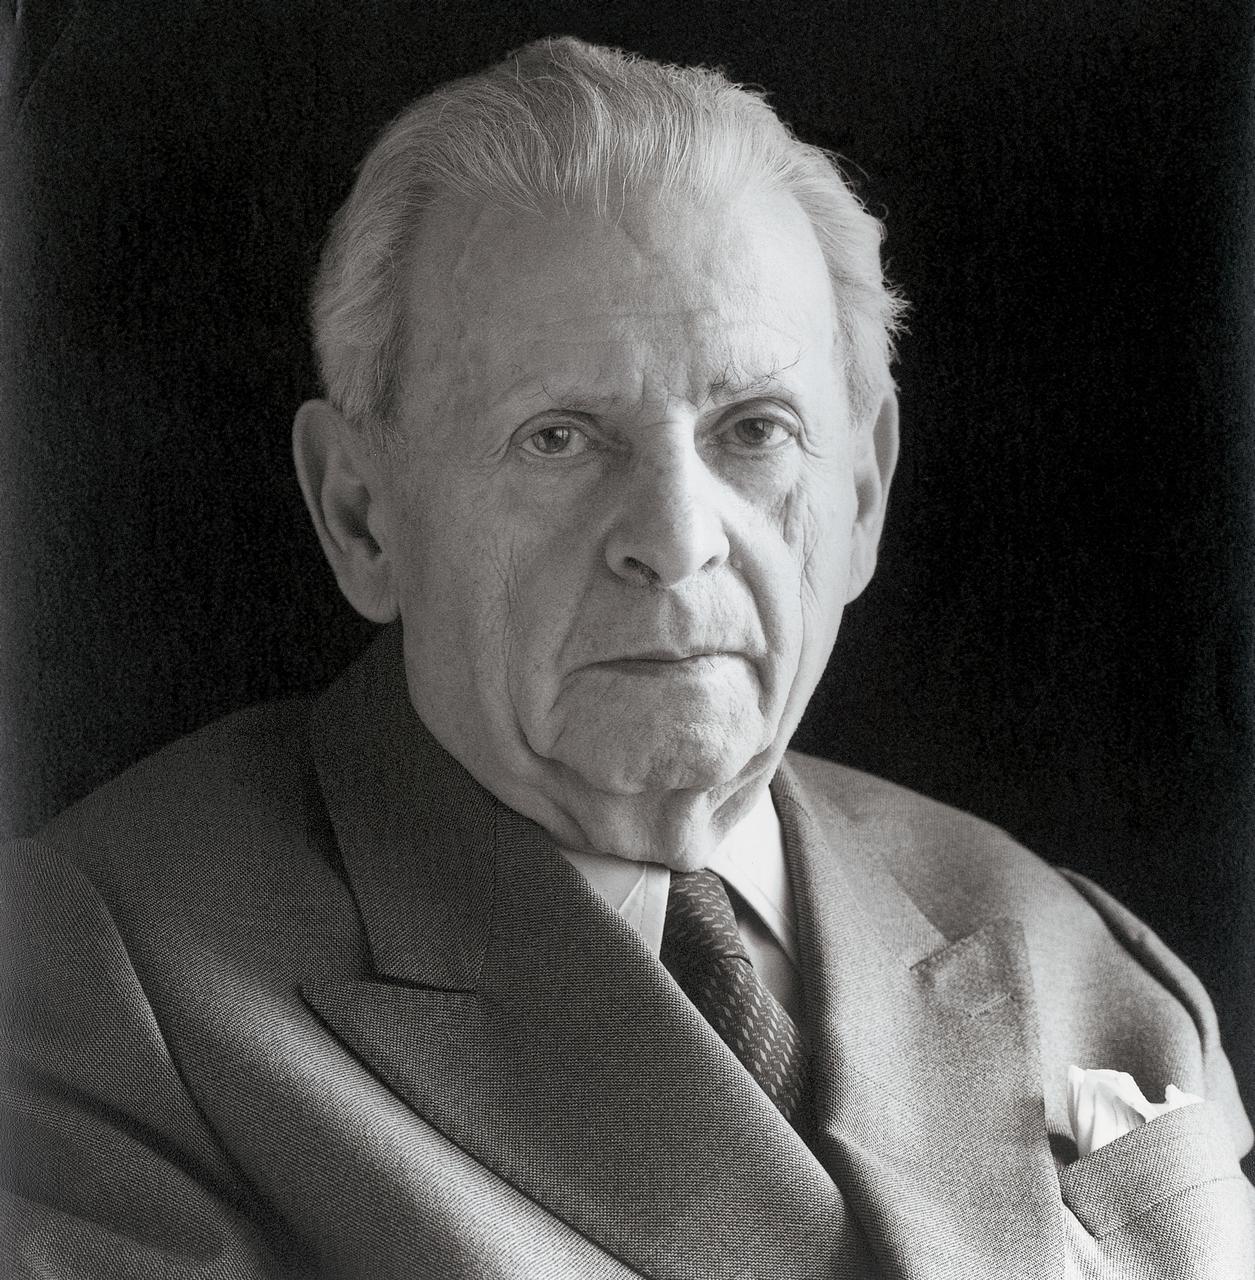 image for Levinas, Emmanuel (1905-1995)